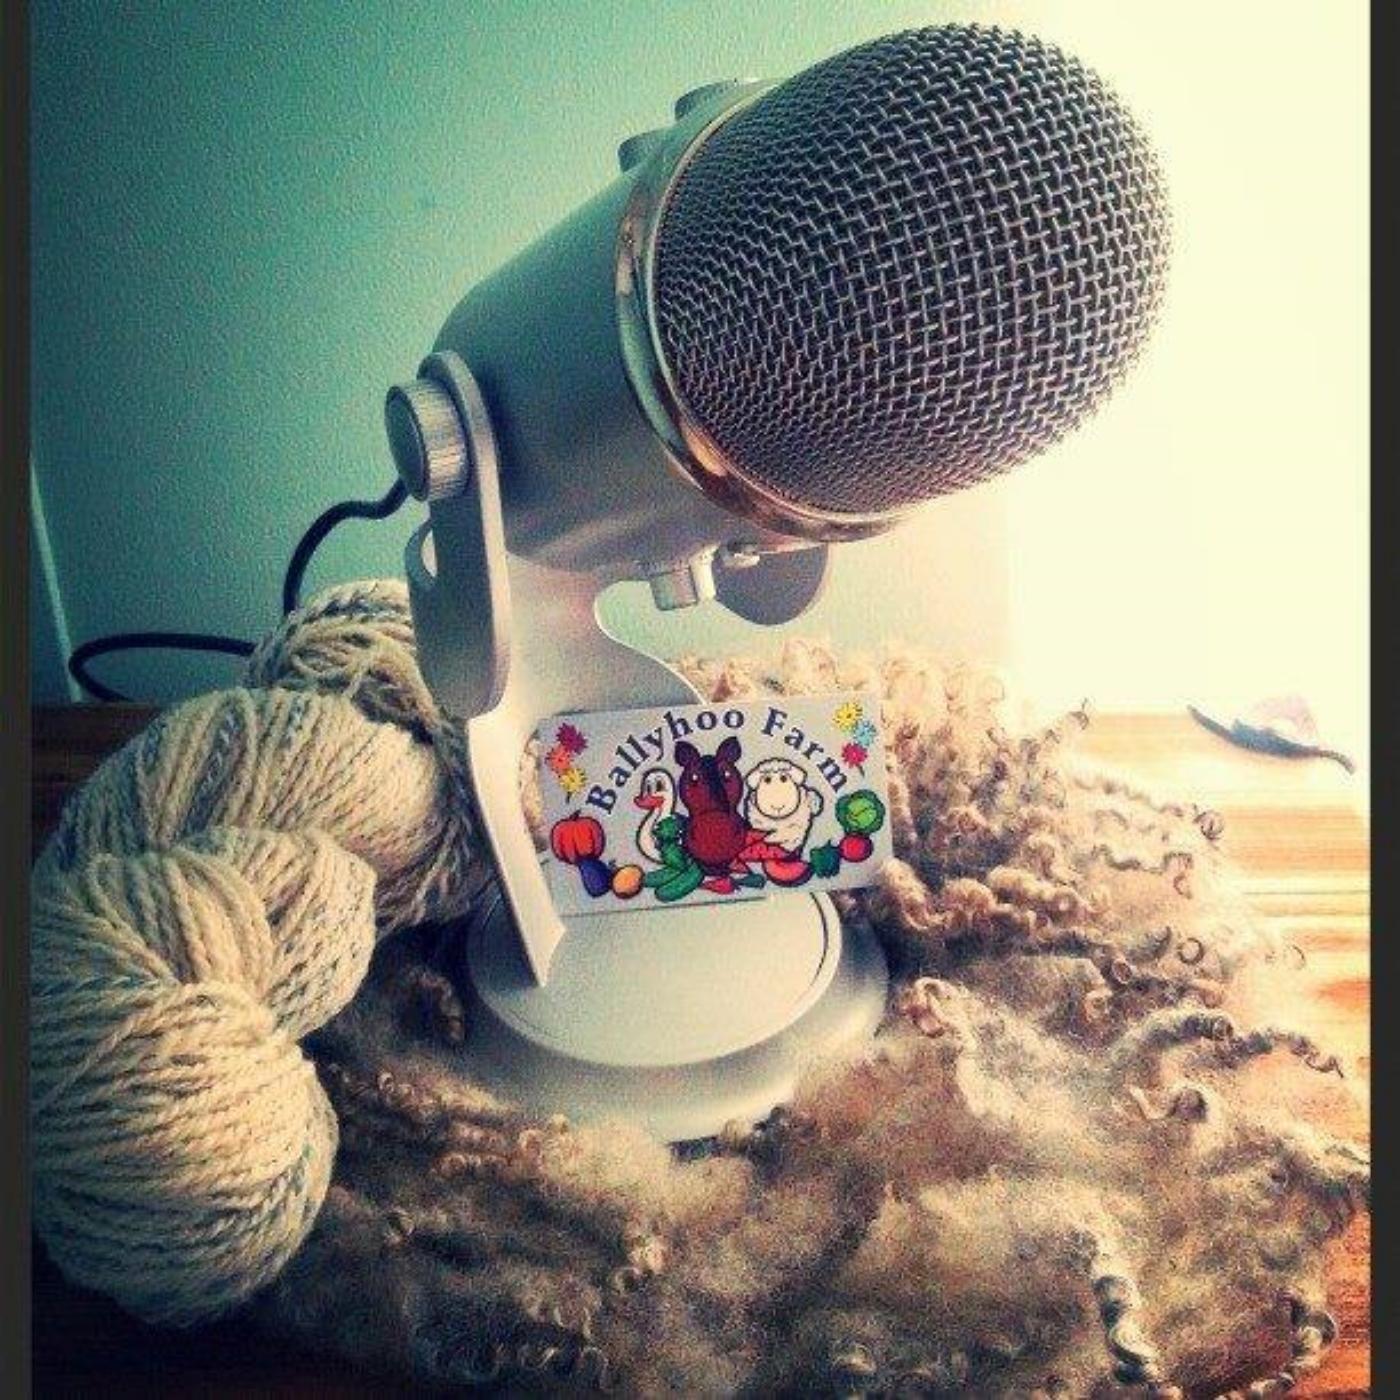 Ballyhoo Fiber Emporium Podcast - Ballyhoo Fiber Emporium